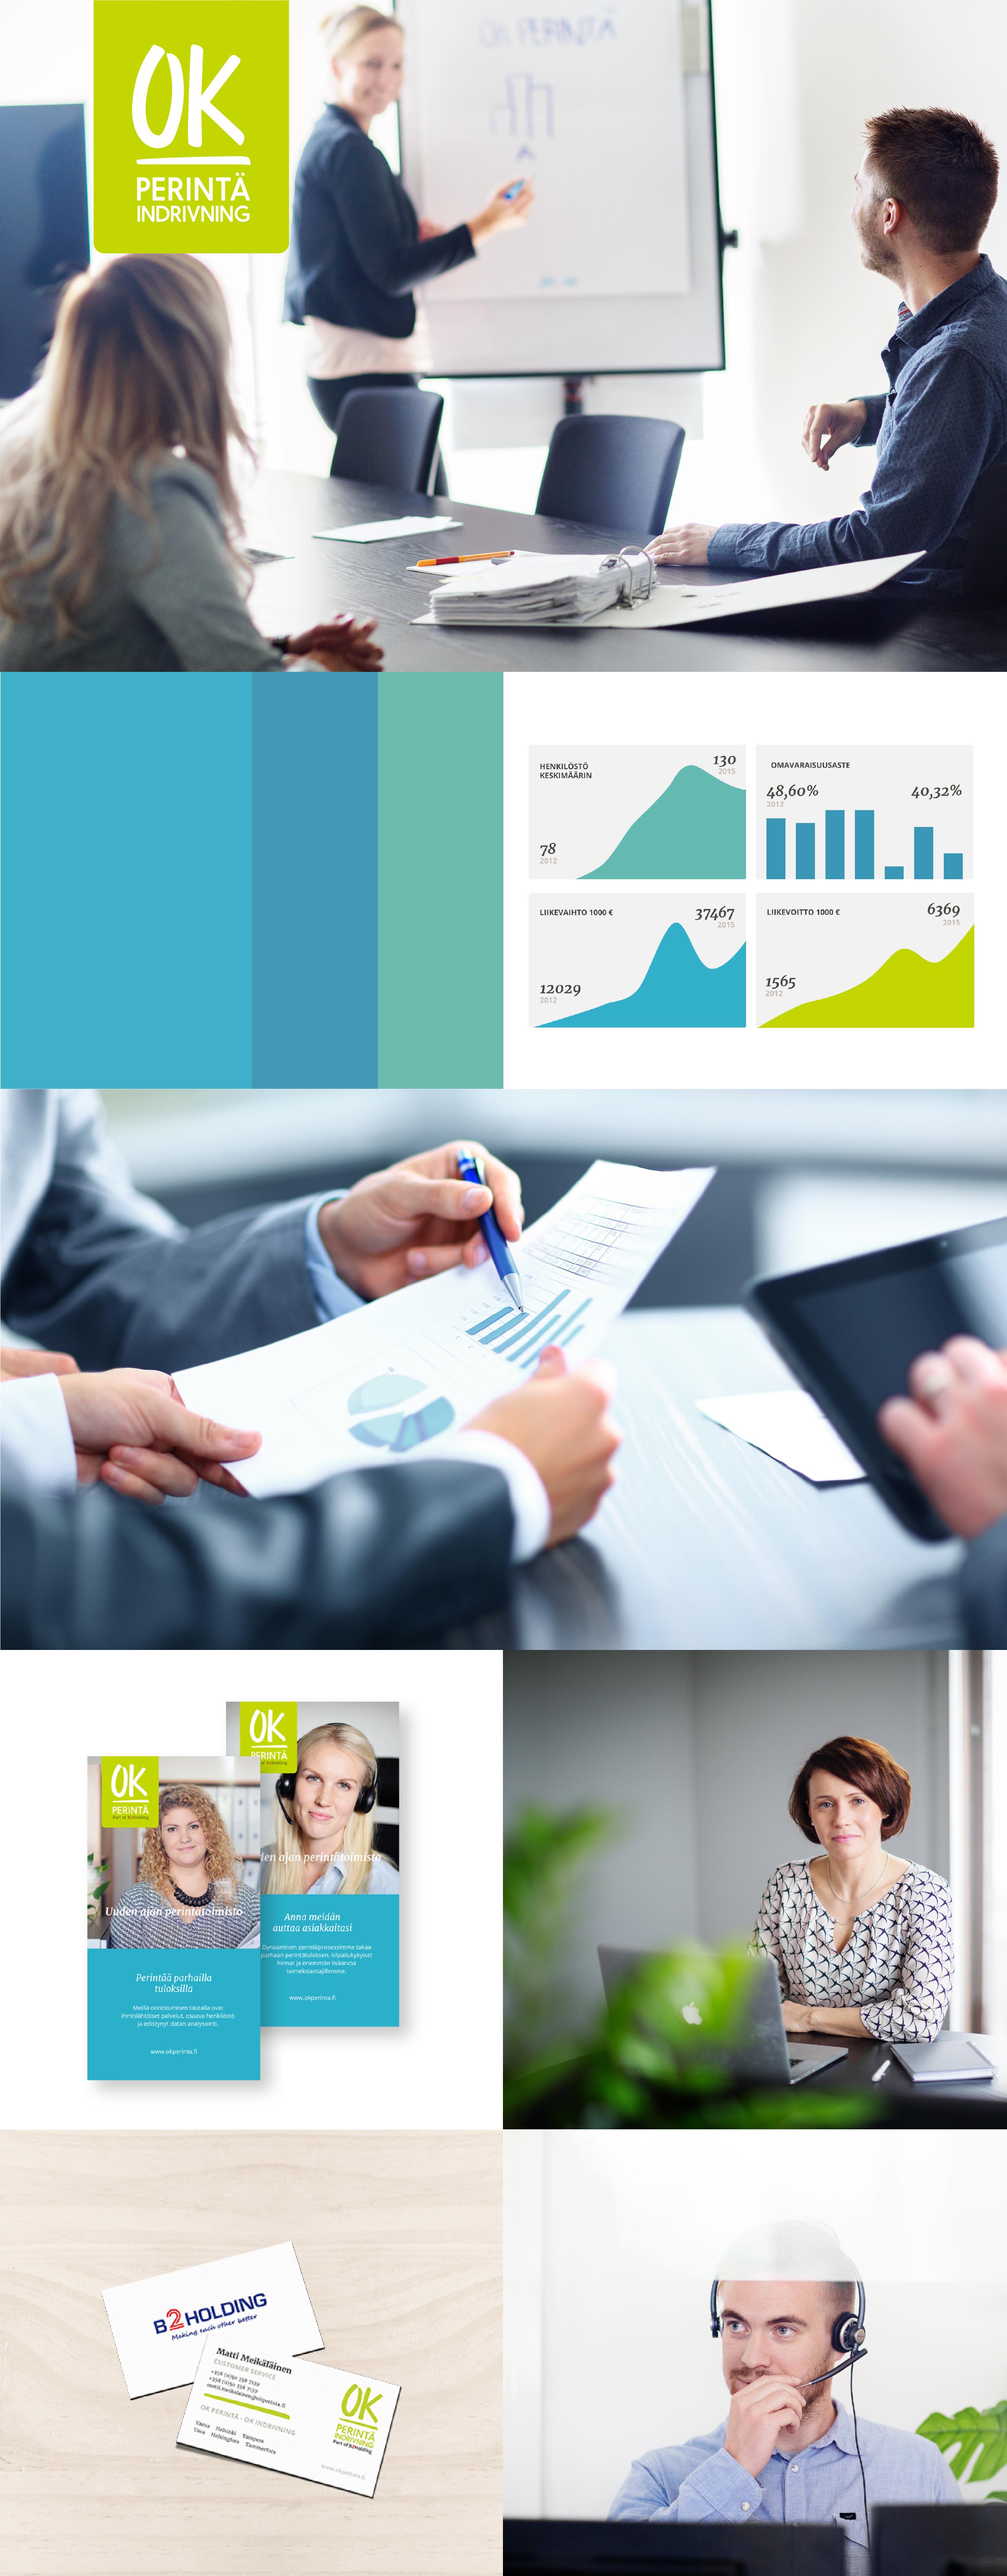 OK Perintä - growth marketing -strategialla alansa suunnannäyttäjäksi